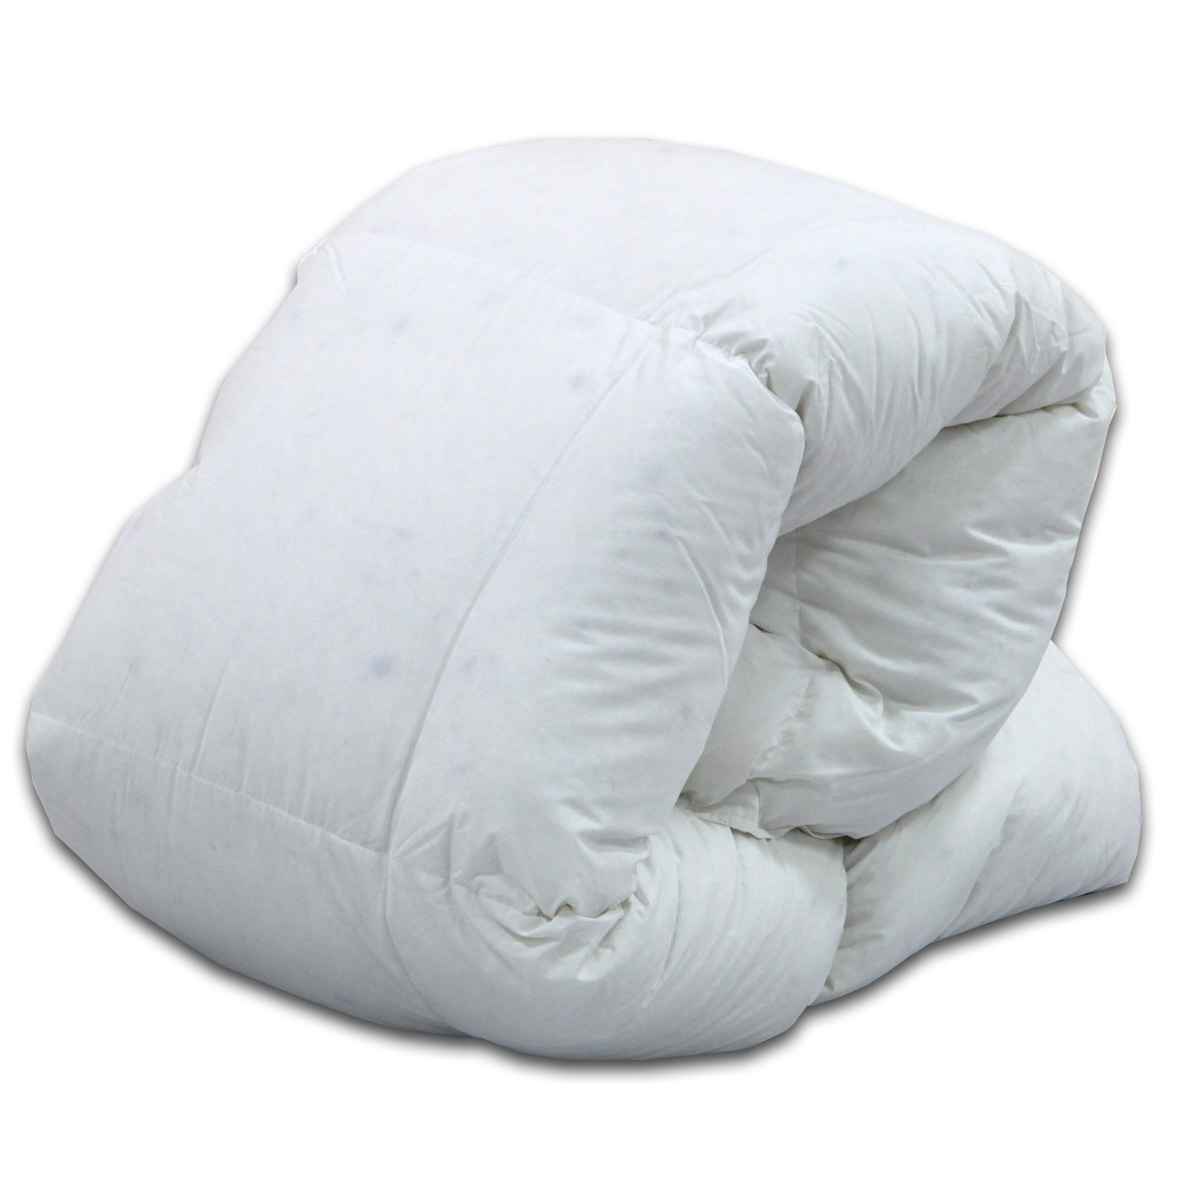 蒲团羊毛混合床垫羽毛羽绒枕头集的布乐团 Nishikawa (封面) 合成皮肤被子跪垫被子盖所有西江 7 件套 (梅花) (肘单) 可选择配色方案,它在其中一个设置所有全年舒适! ZZ